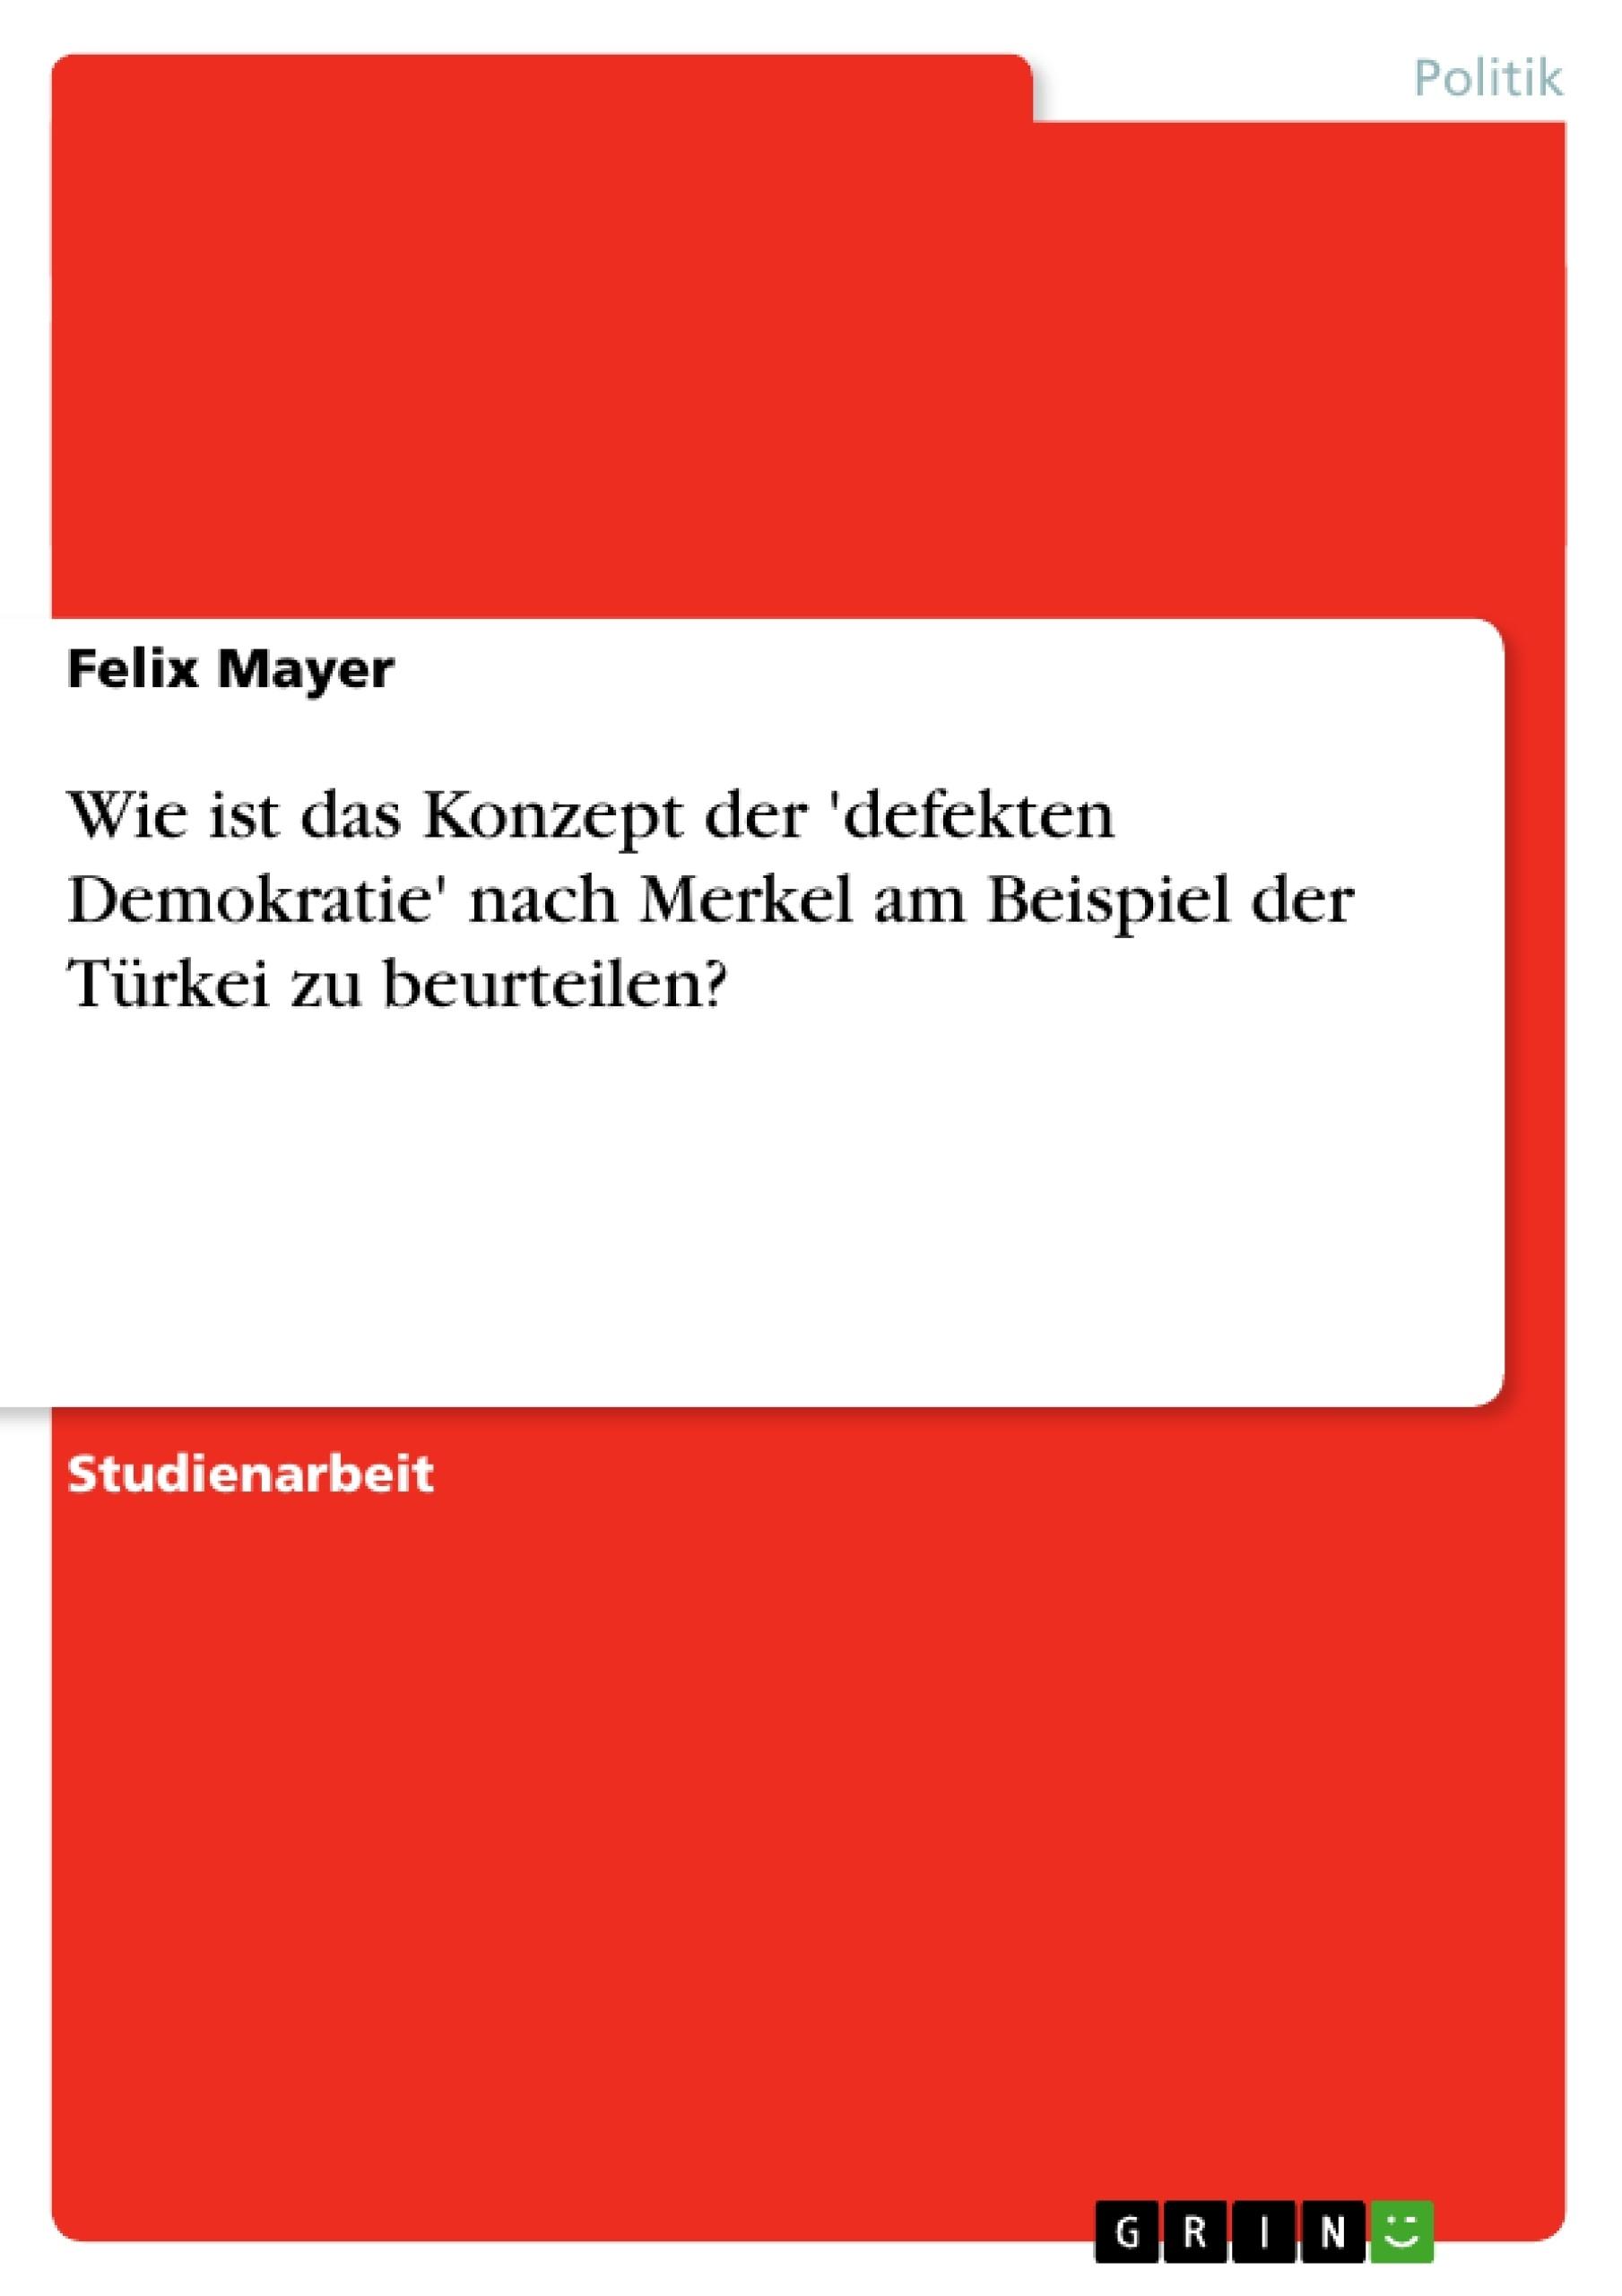 Titel: Wie ist das Konzept der 'defekten Demokratie' nach Merkel am Beispiel der Türkei zu beurteilen?